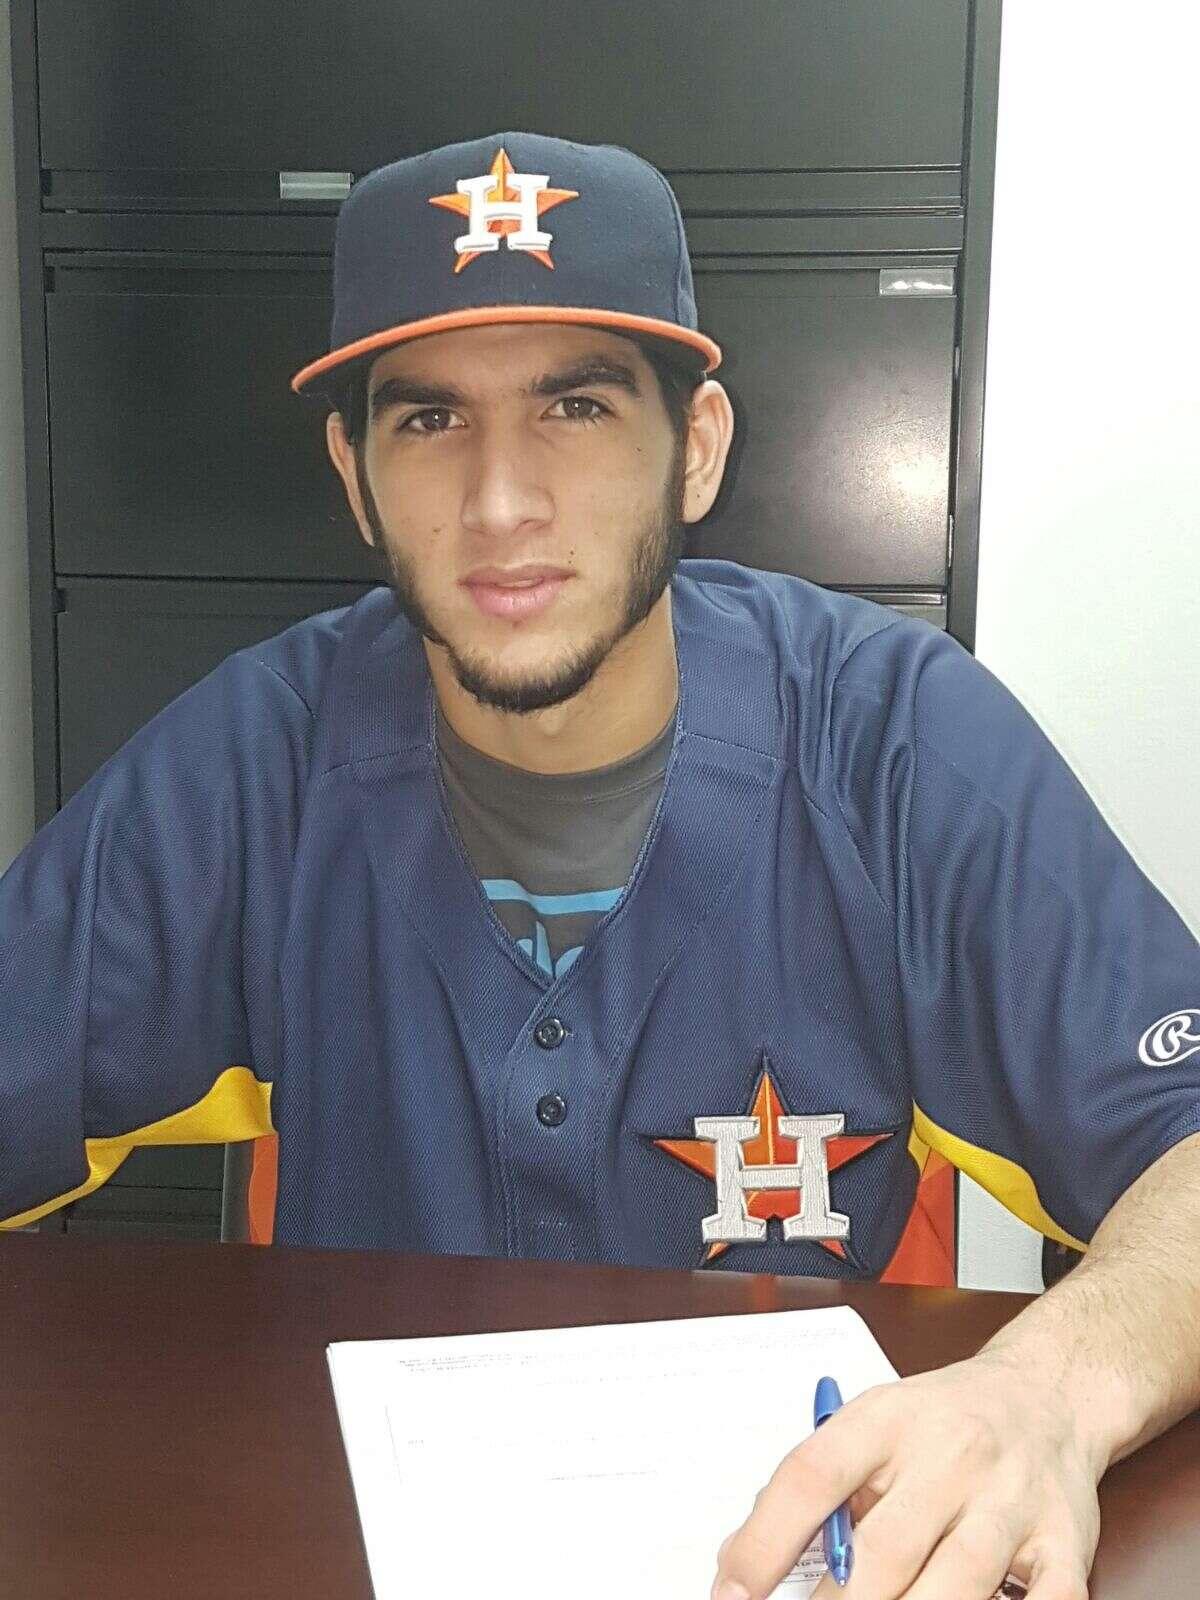 The Astros signed Cuban lefthander Cionel Perez.